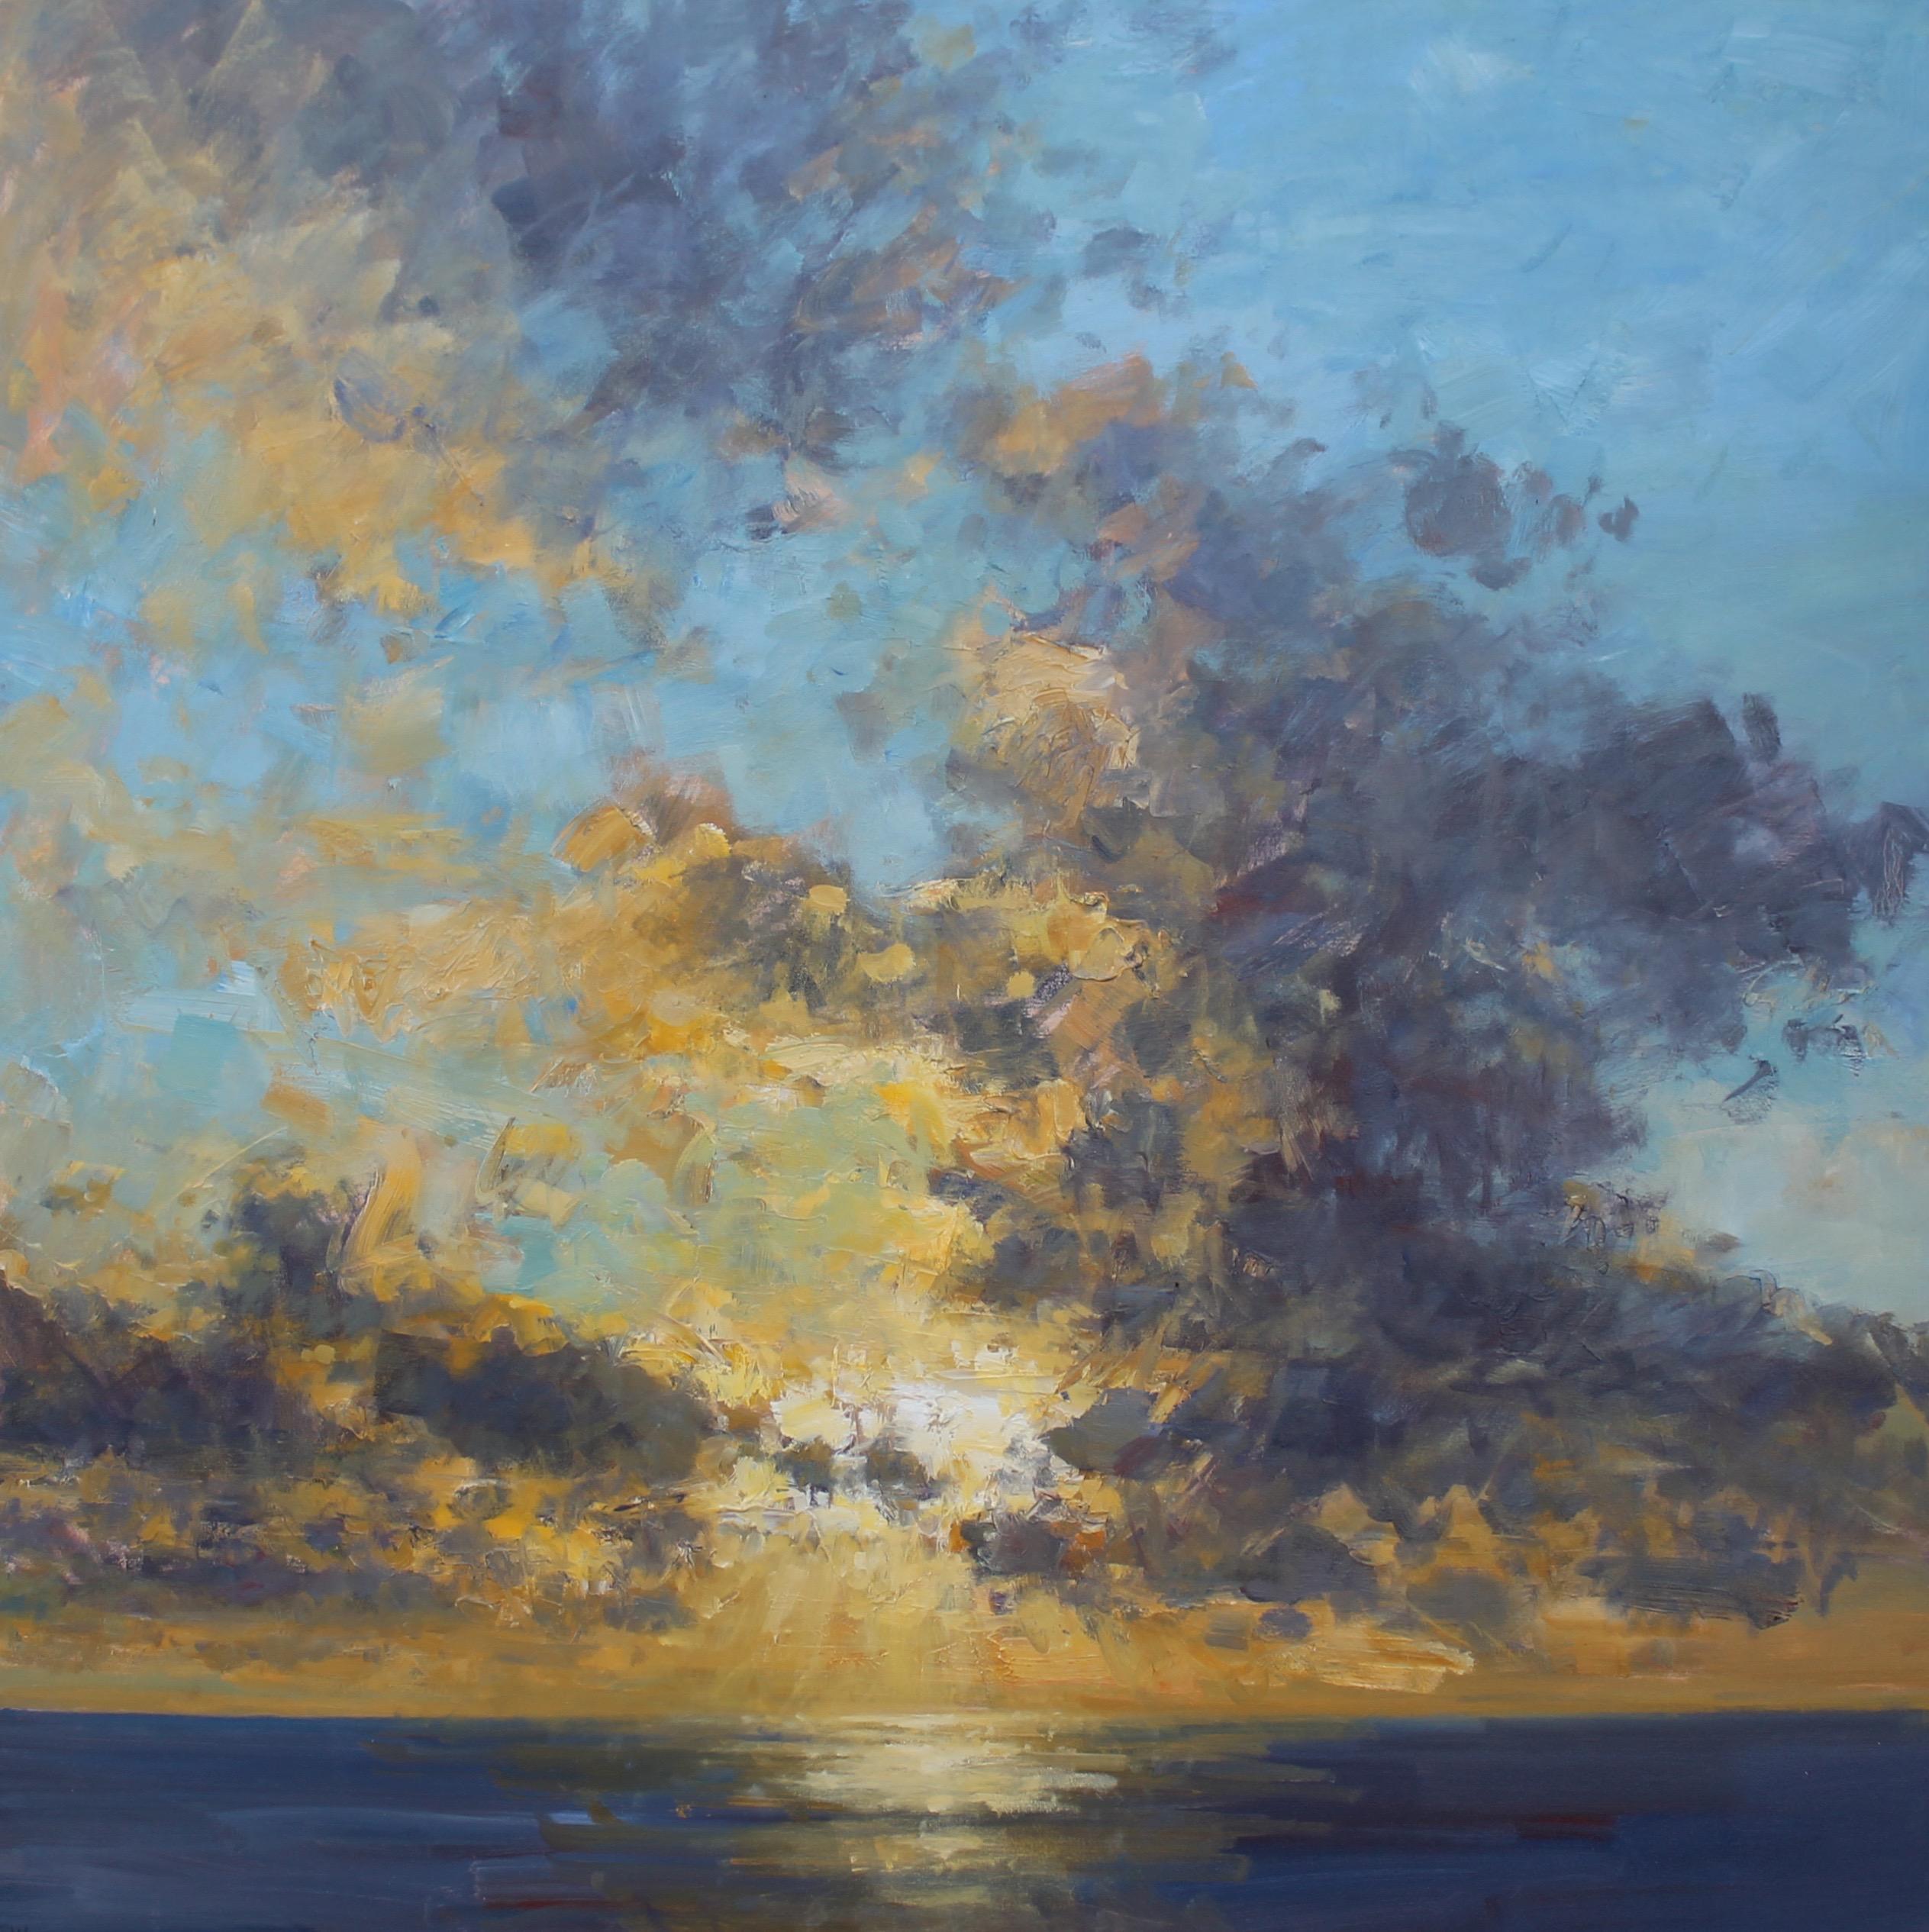 Light on the Sea